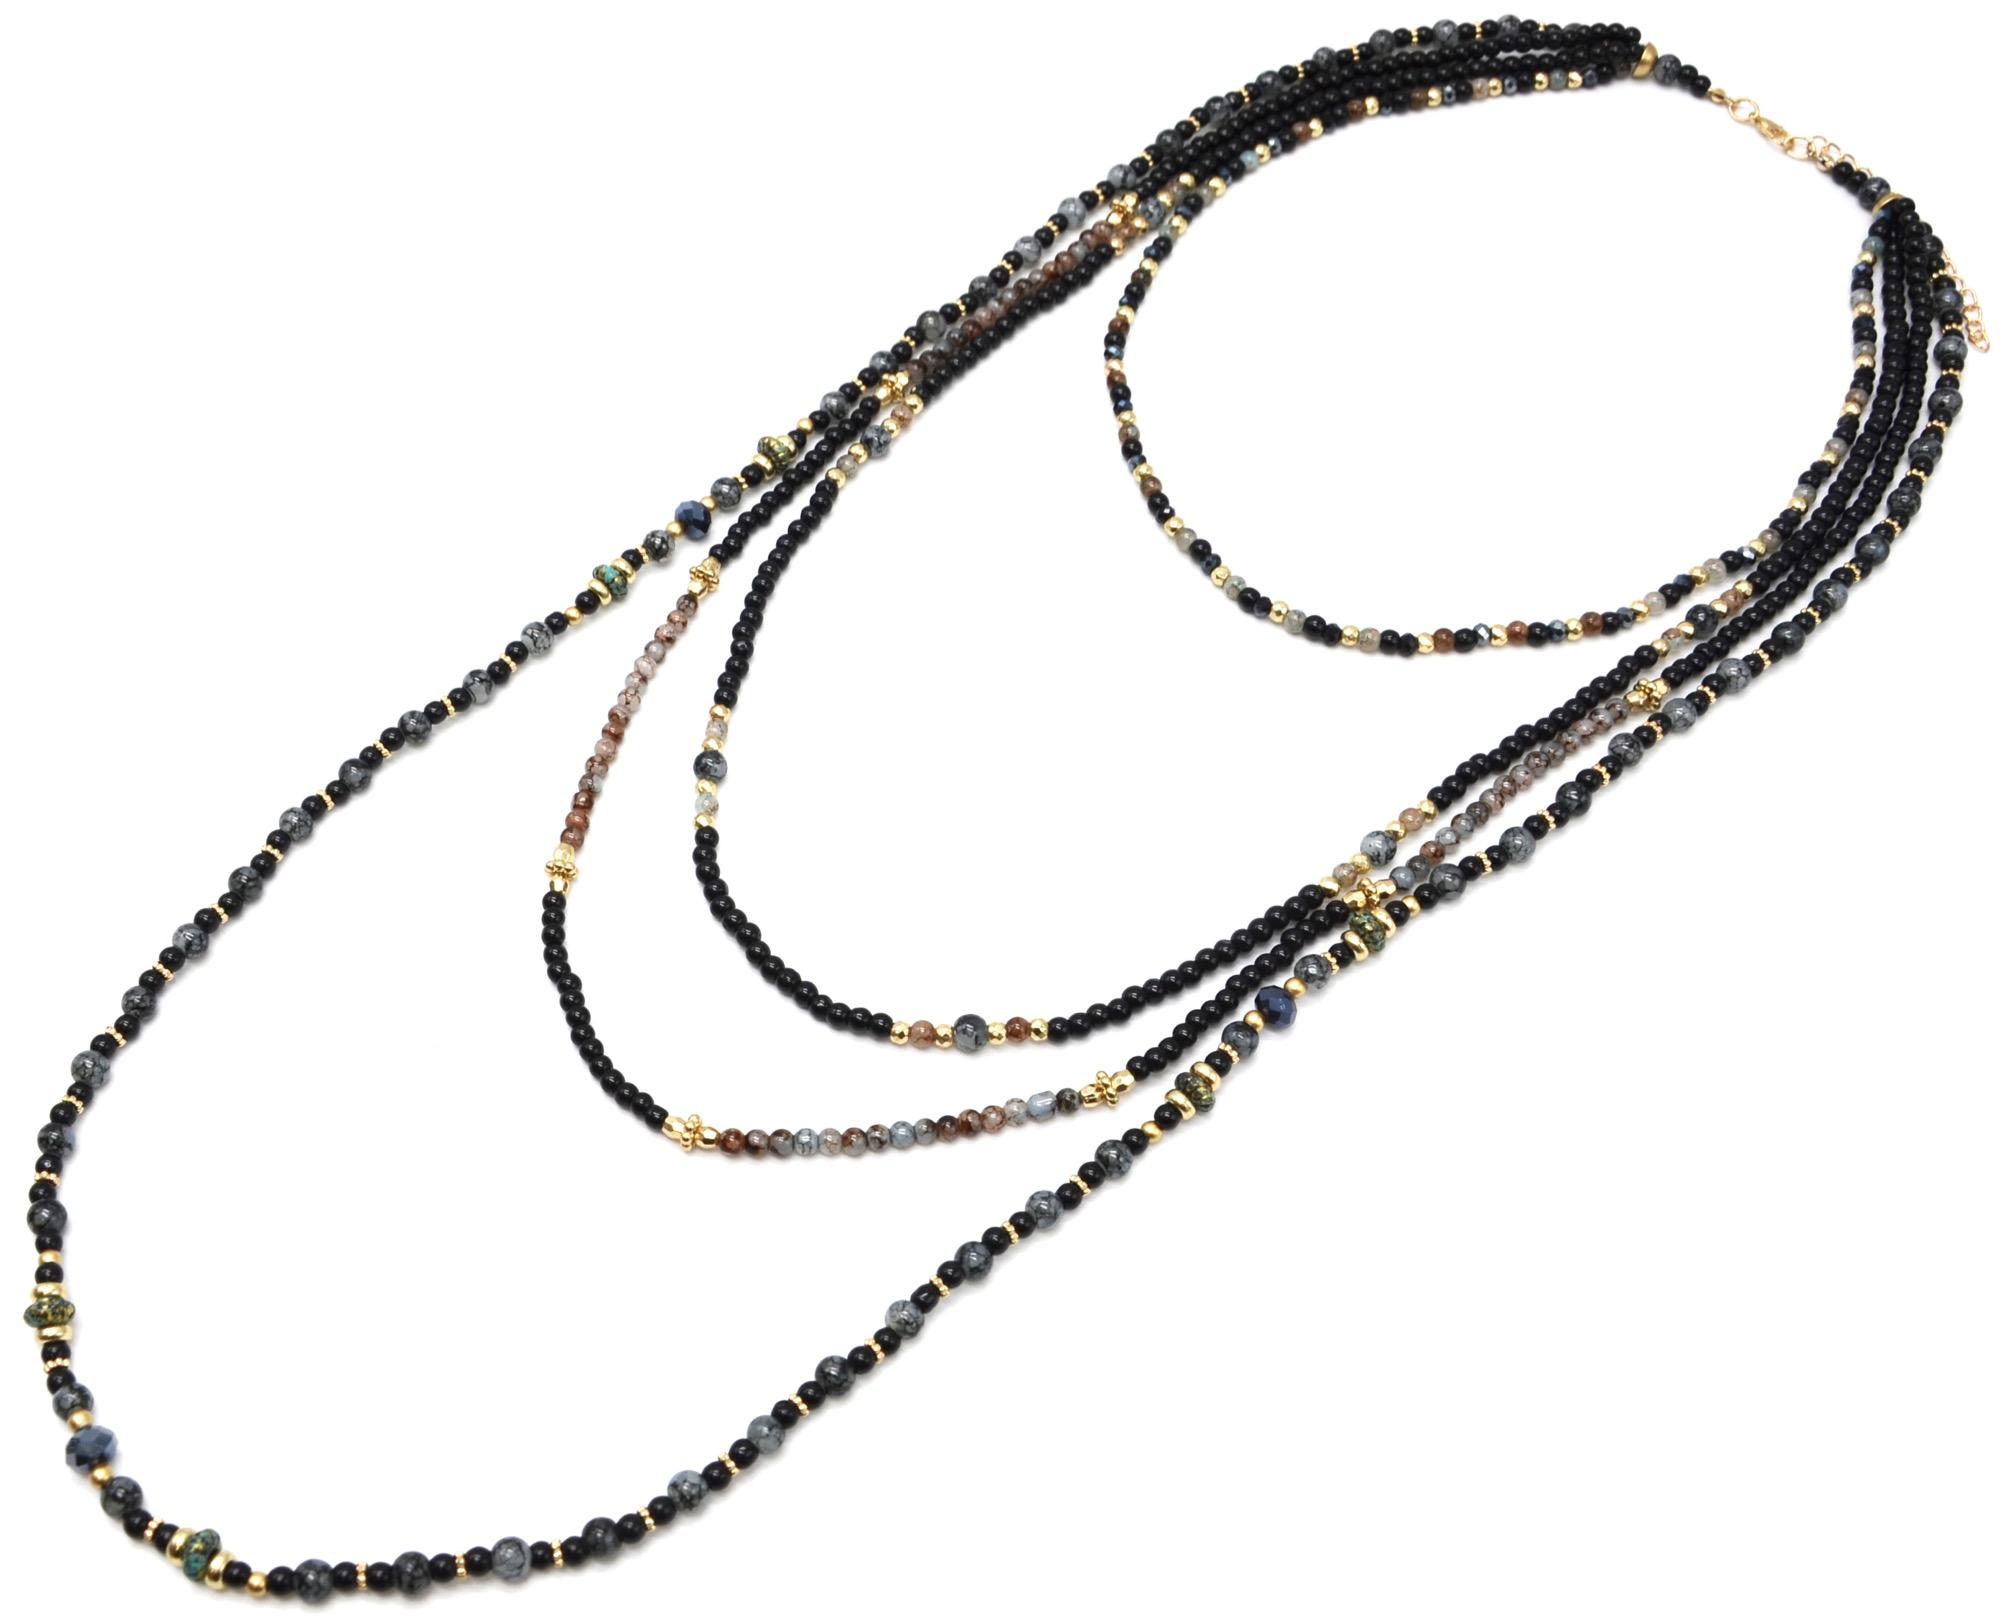 Sautoir Collier Multi-Rangs Perles Verre Effet Marbre et Opaque Noir CL2243F